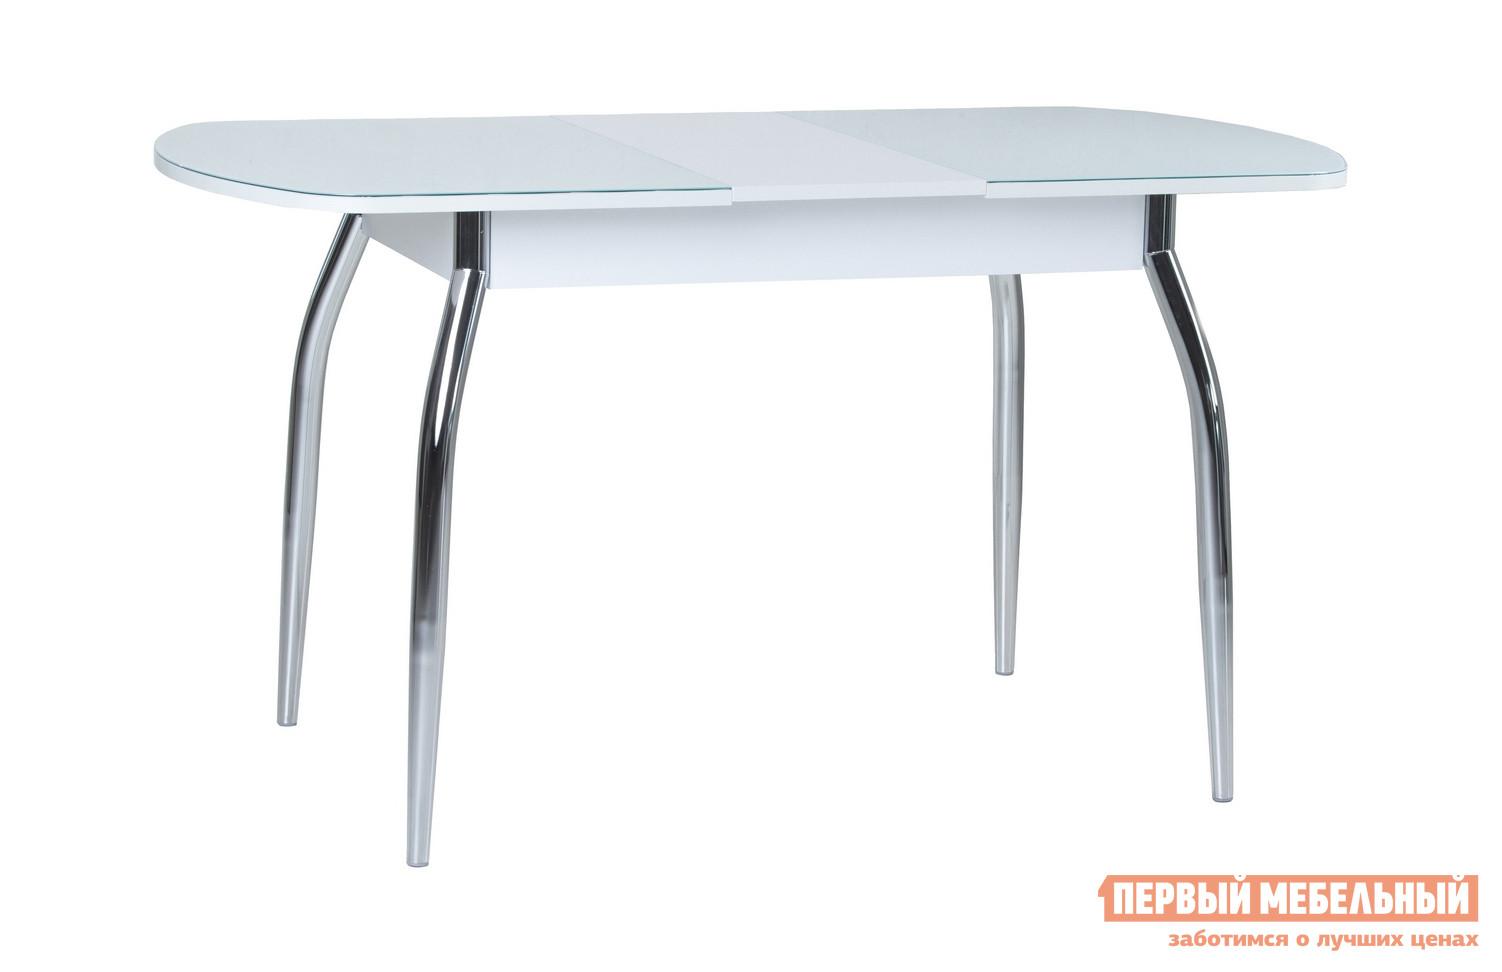 Обеденный стол Первый Мебельный Стол обеденный Сицилия 2 gramercy обеденный стол tenby dining table